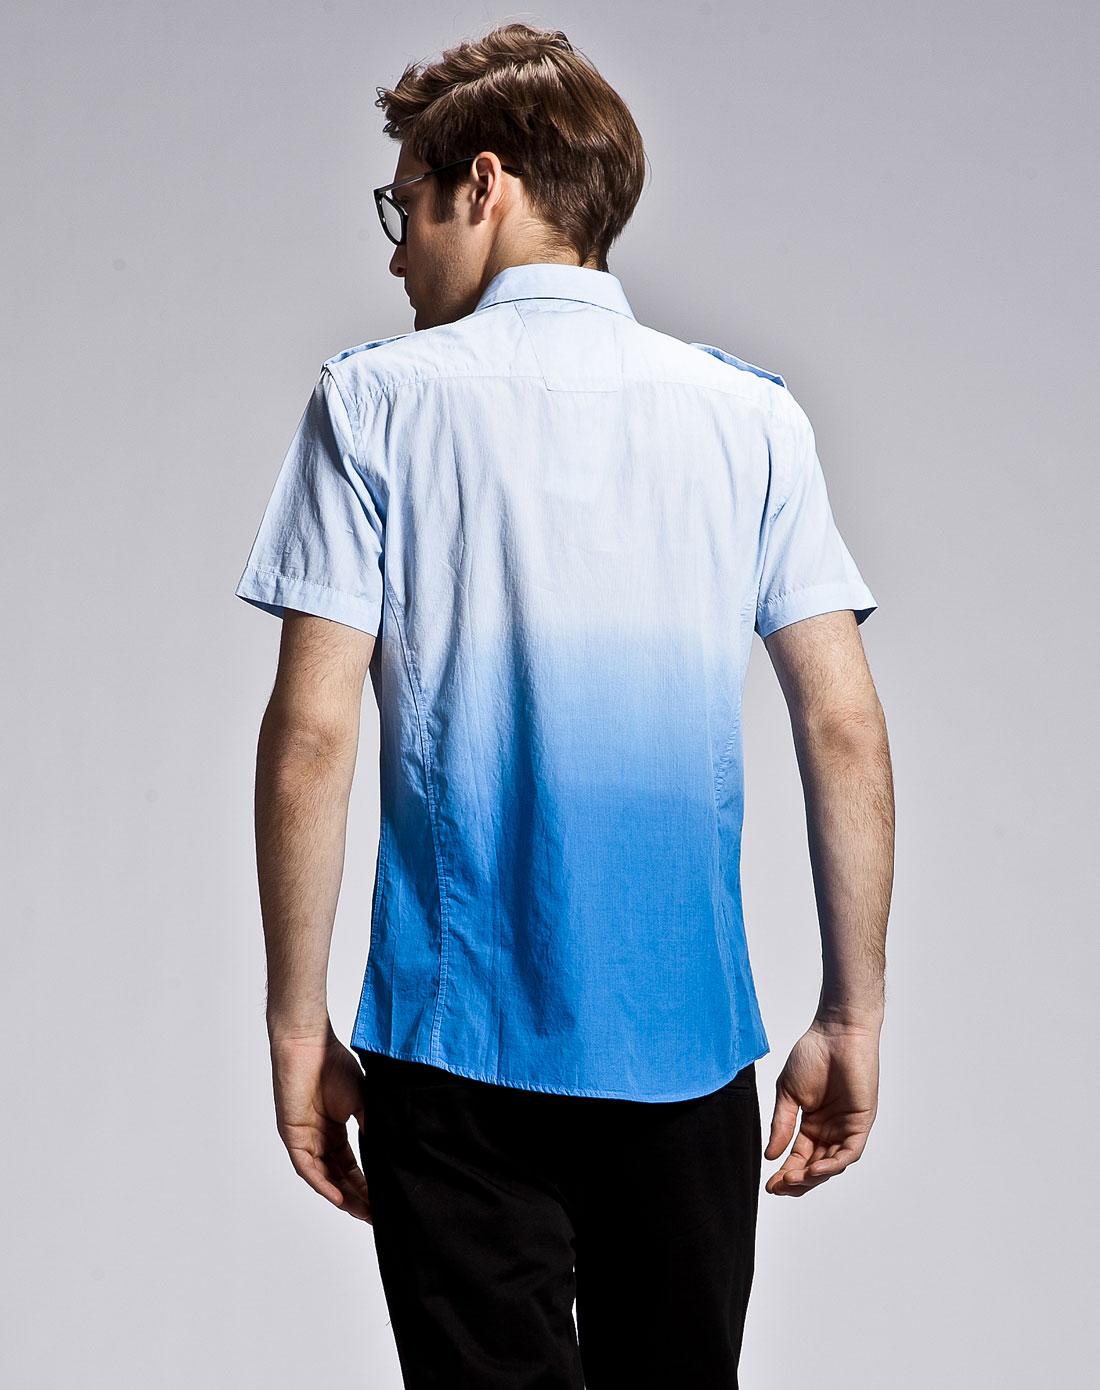 冰蓝色条纹渐变衬衫